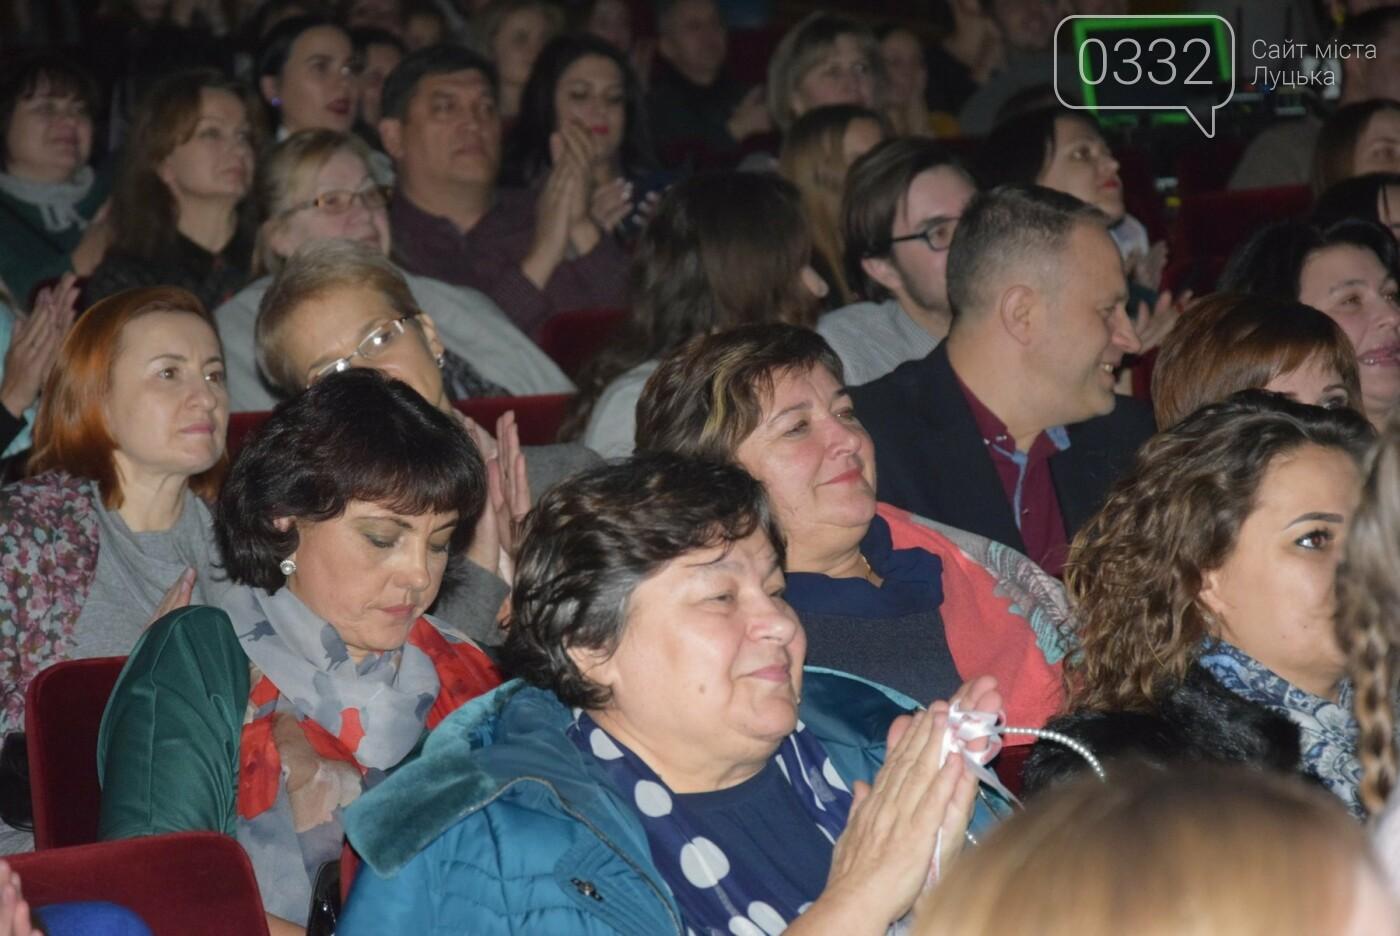 """""""Ось чому я не співаю веселих пісень"""", - Христина Соловій про Луцьк, творчість та історію (ФОТО) , фото-28"""